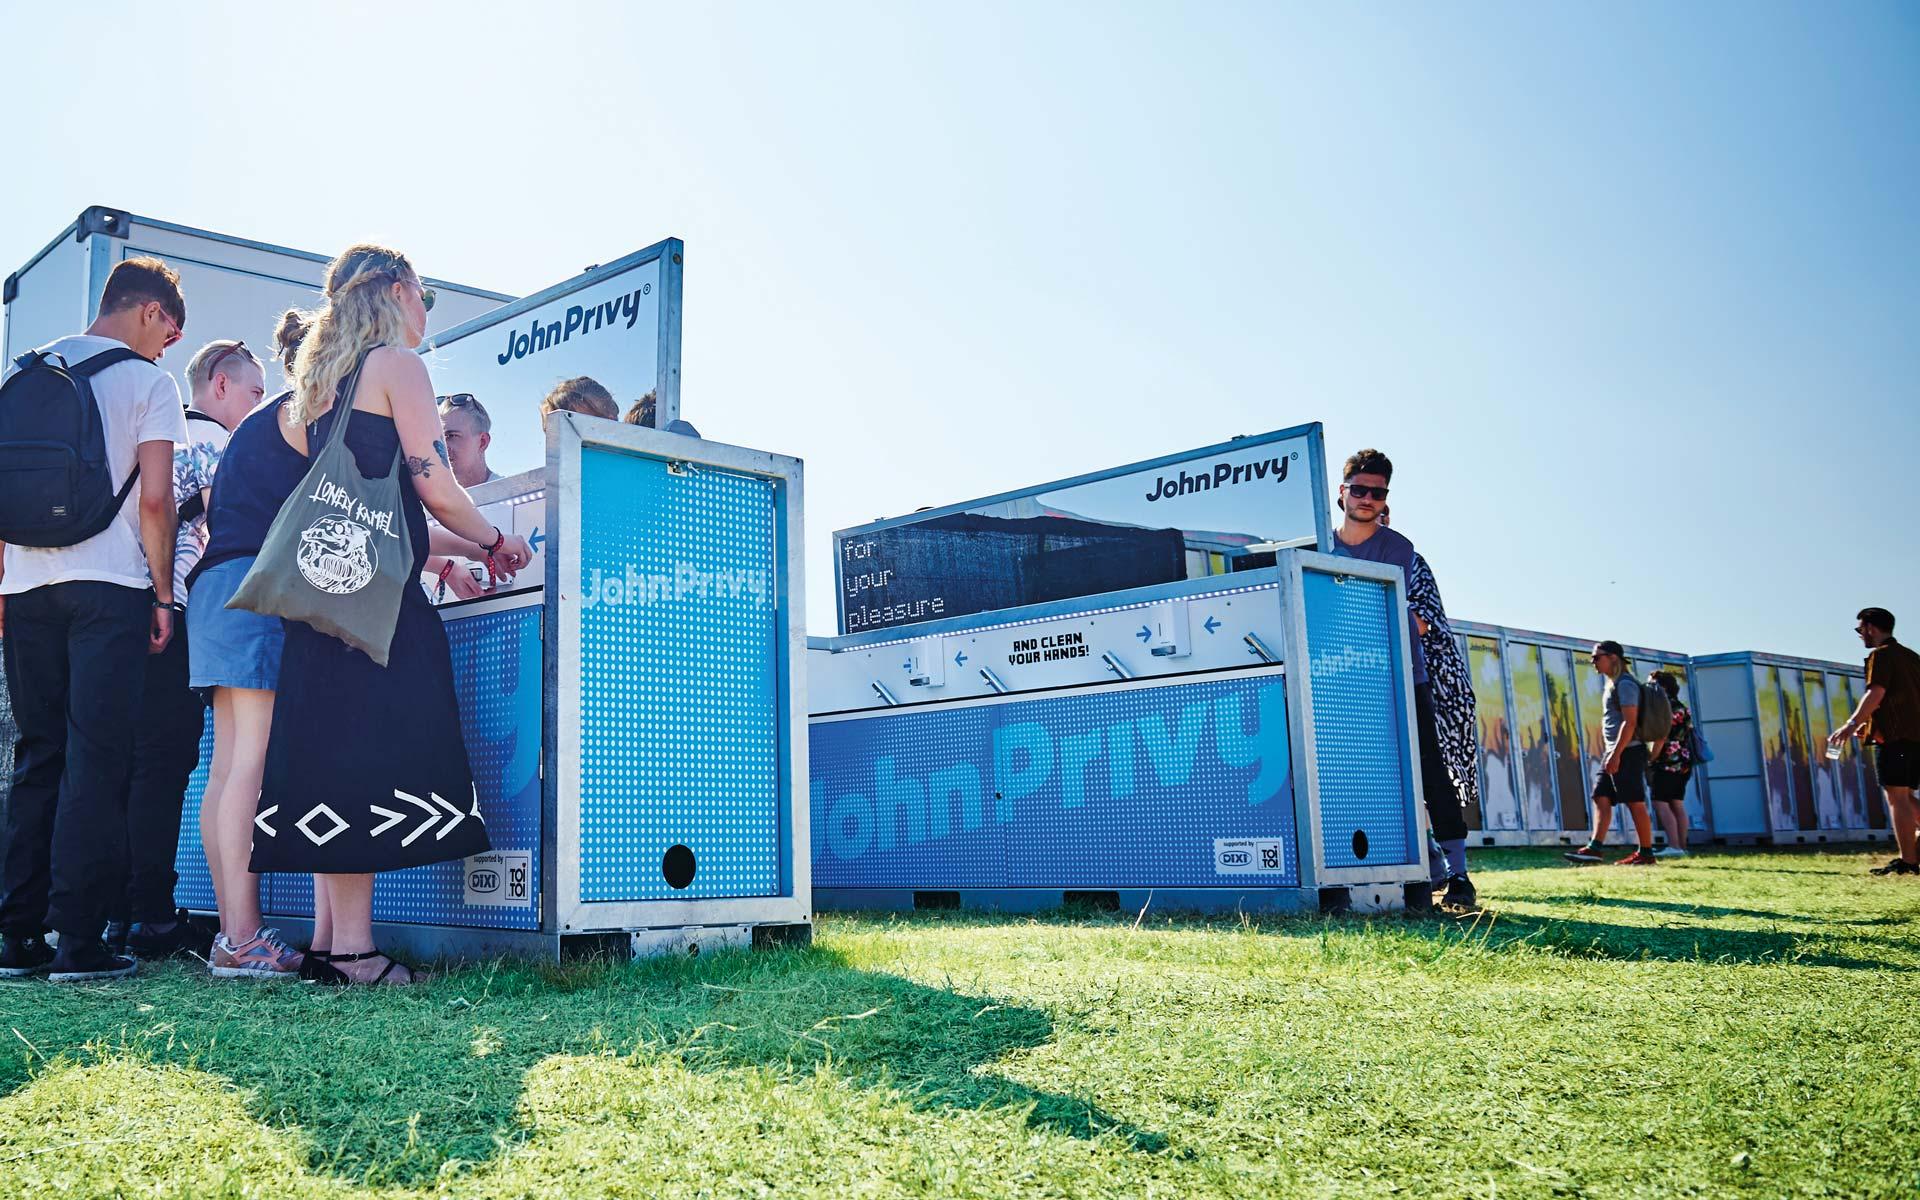 John Privy® Brand Identity, Einsatz auf dem Festival, Branding der Wash-Unit